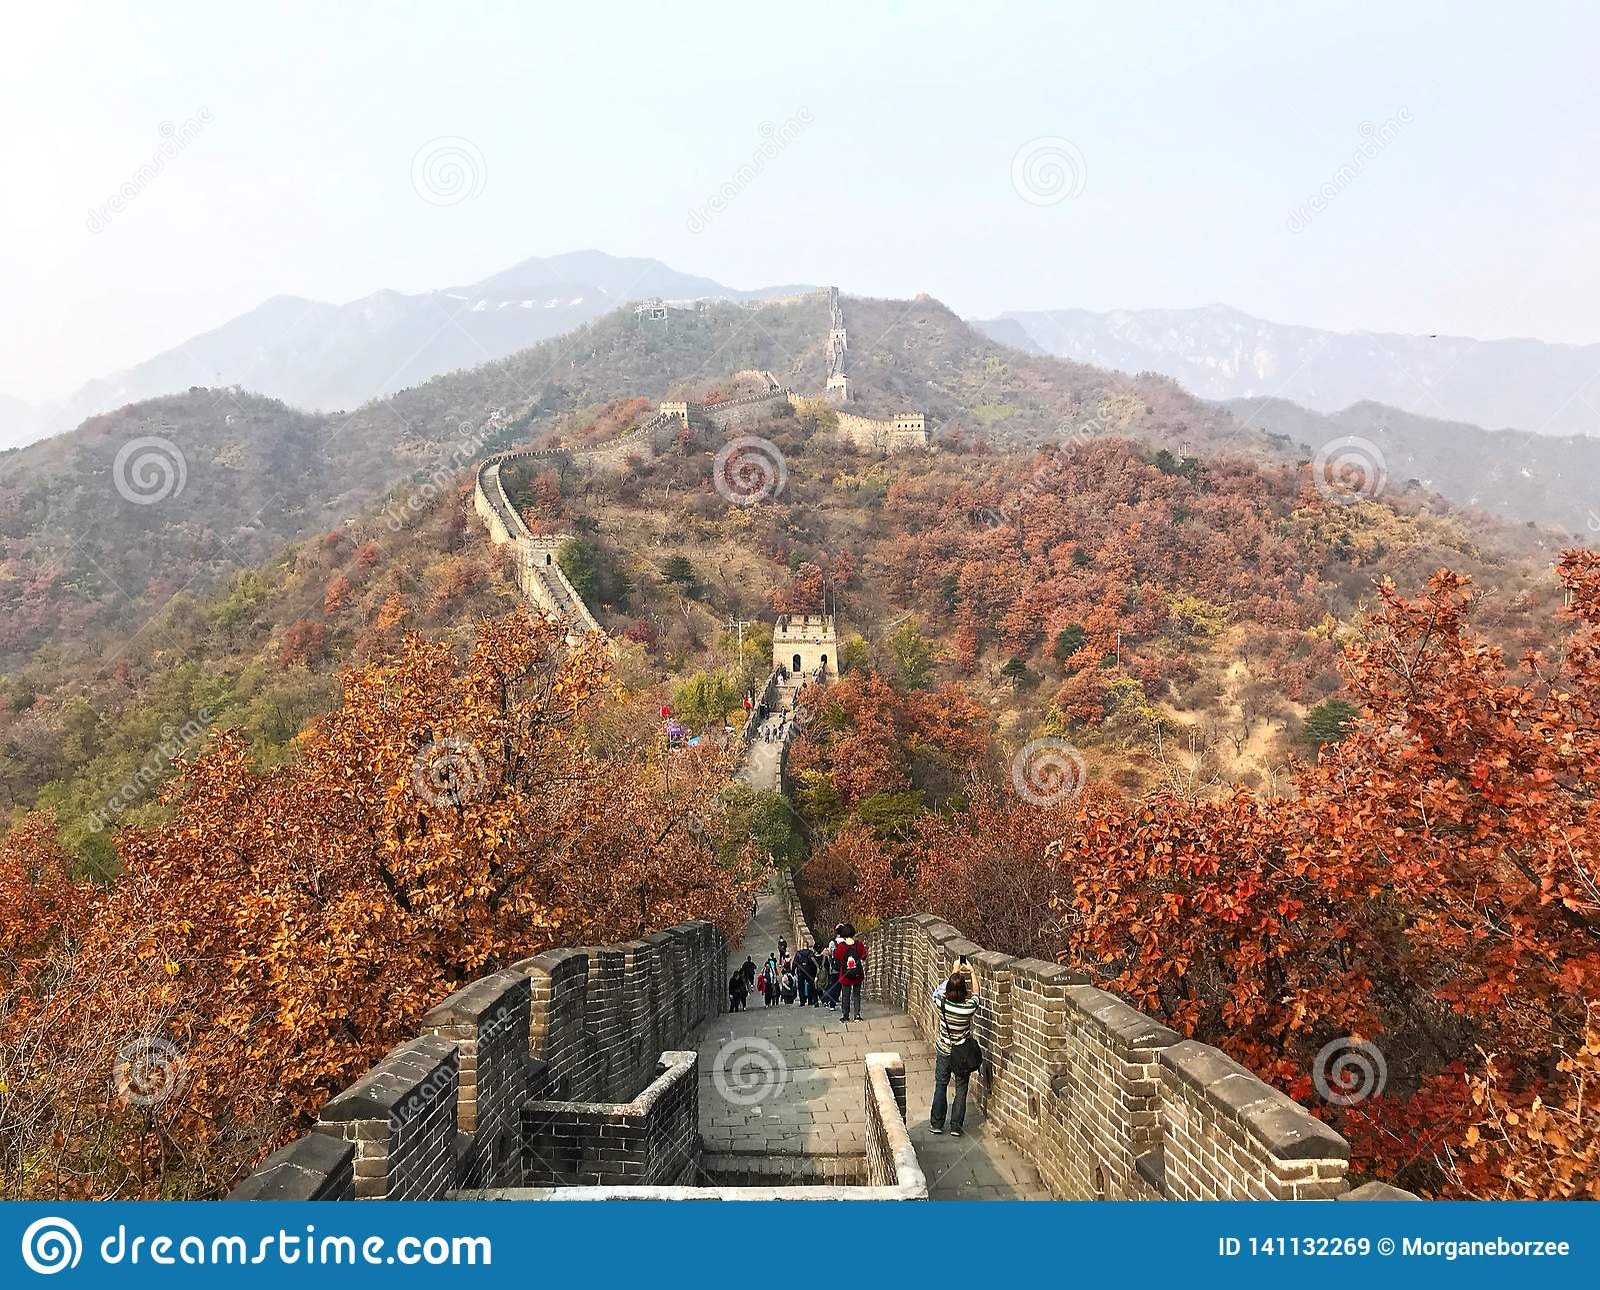 中国长城山的慕田峪长城部分的